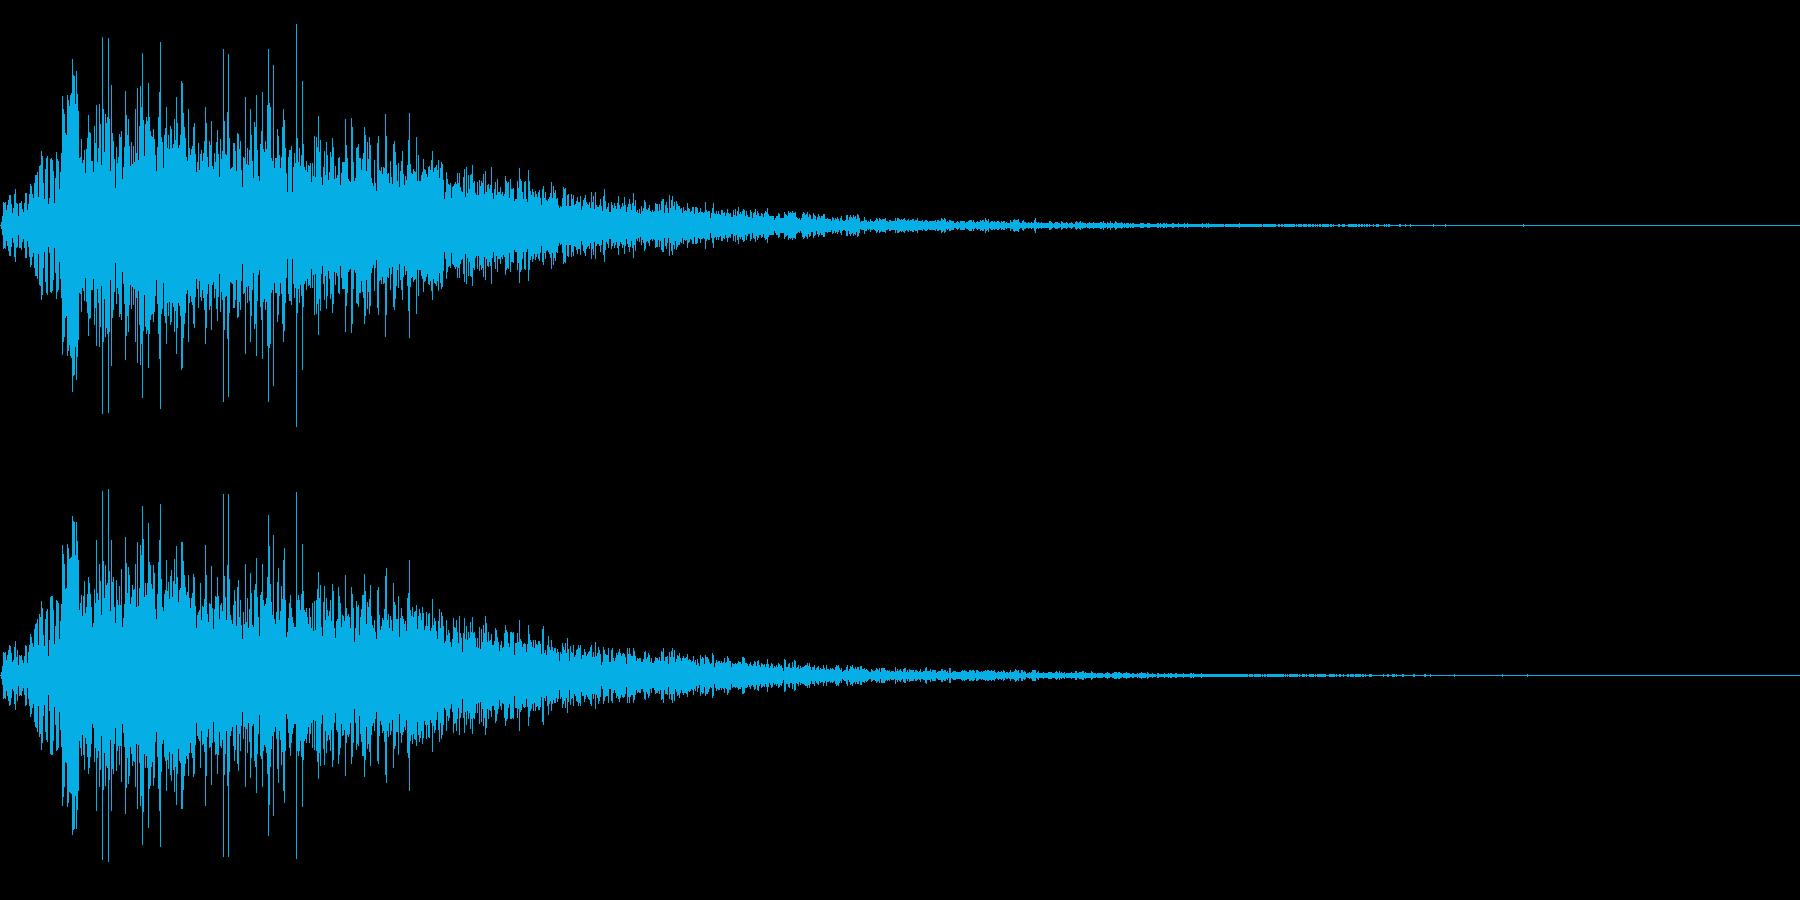 モンスター 咆哮 鳴き声 リバーブの再生済みの波形